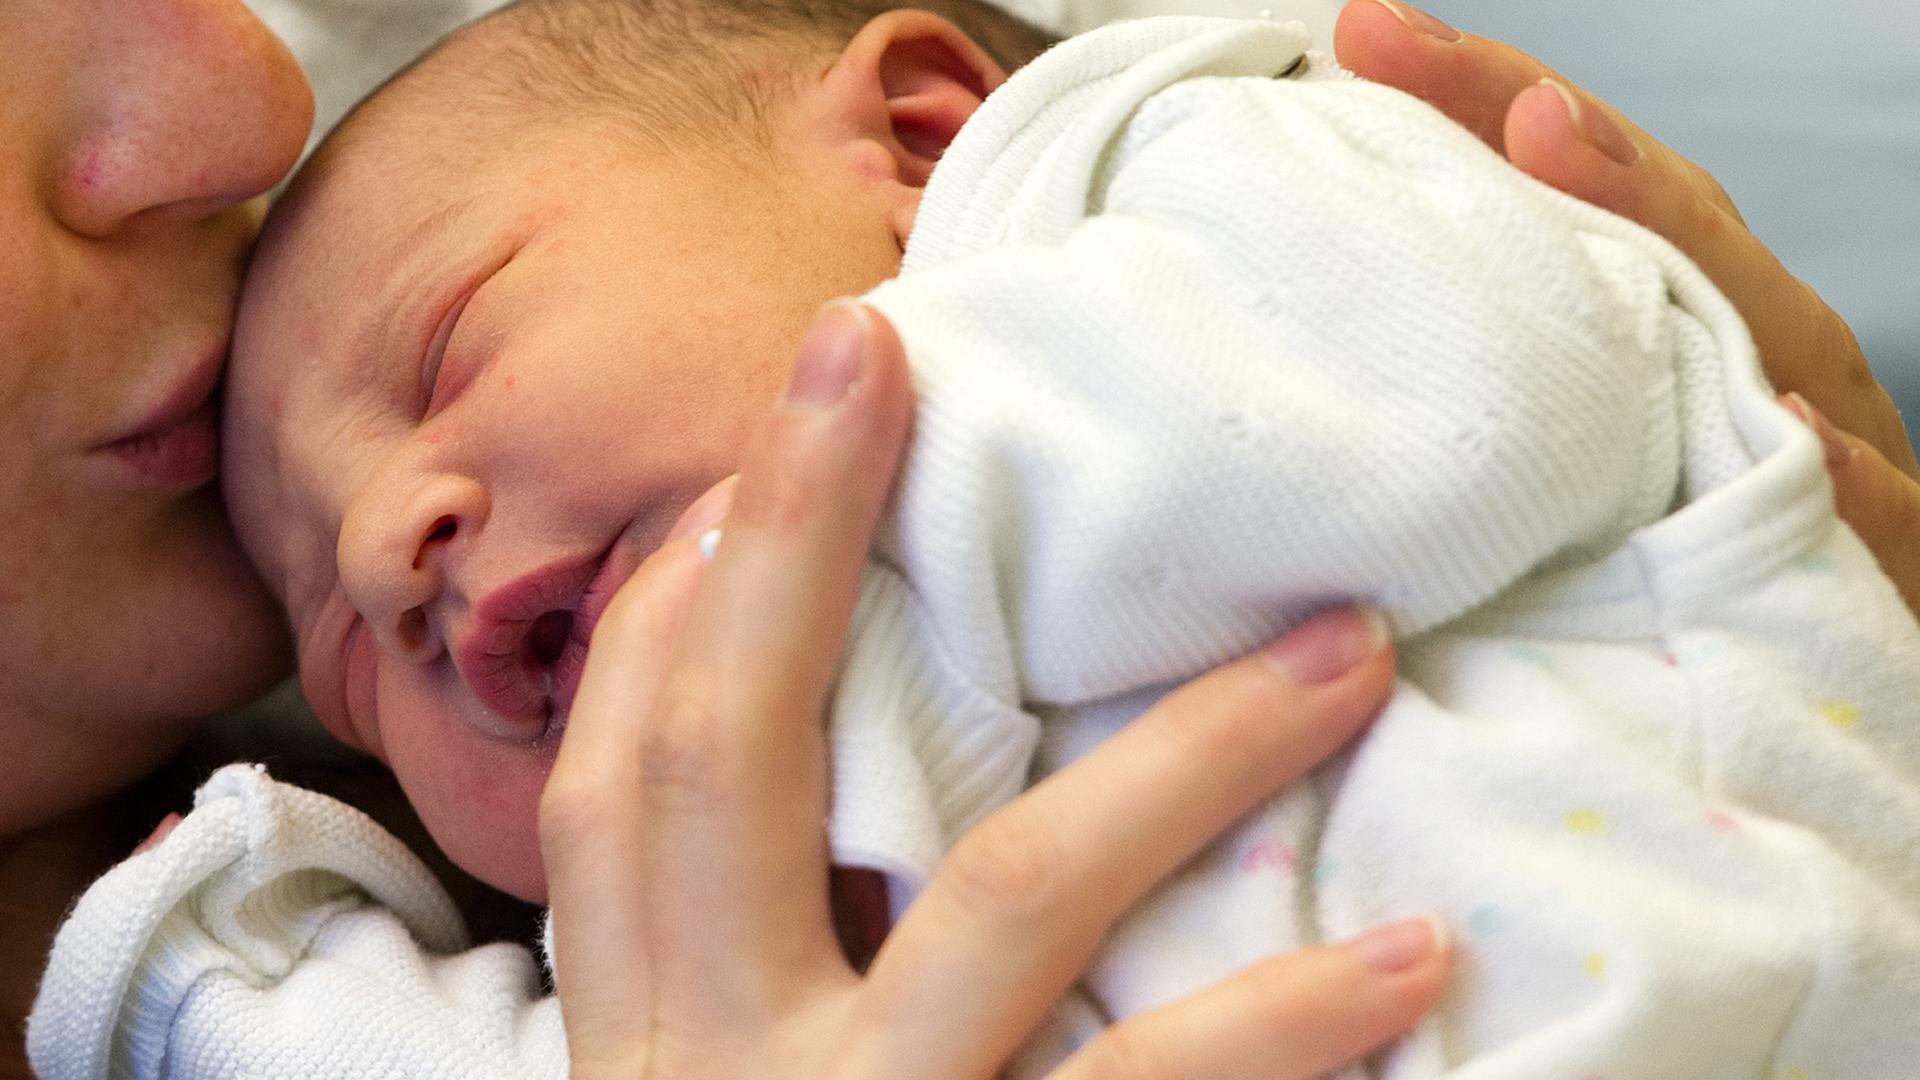 Mutter im Babyglück: Allzu oft wird diese Harmonie durch traumatische Erfahrungen unter der Geburt gestört.